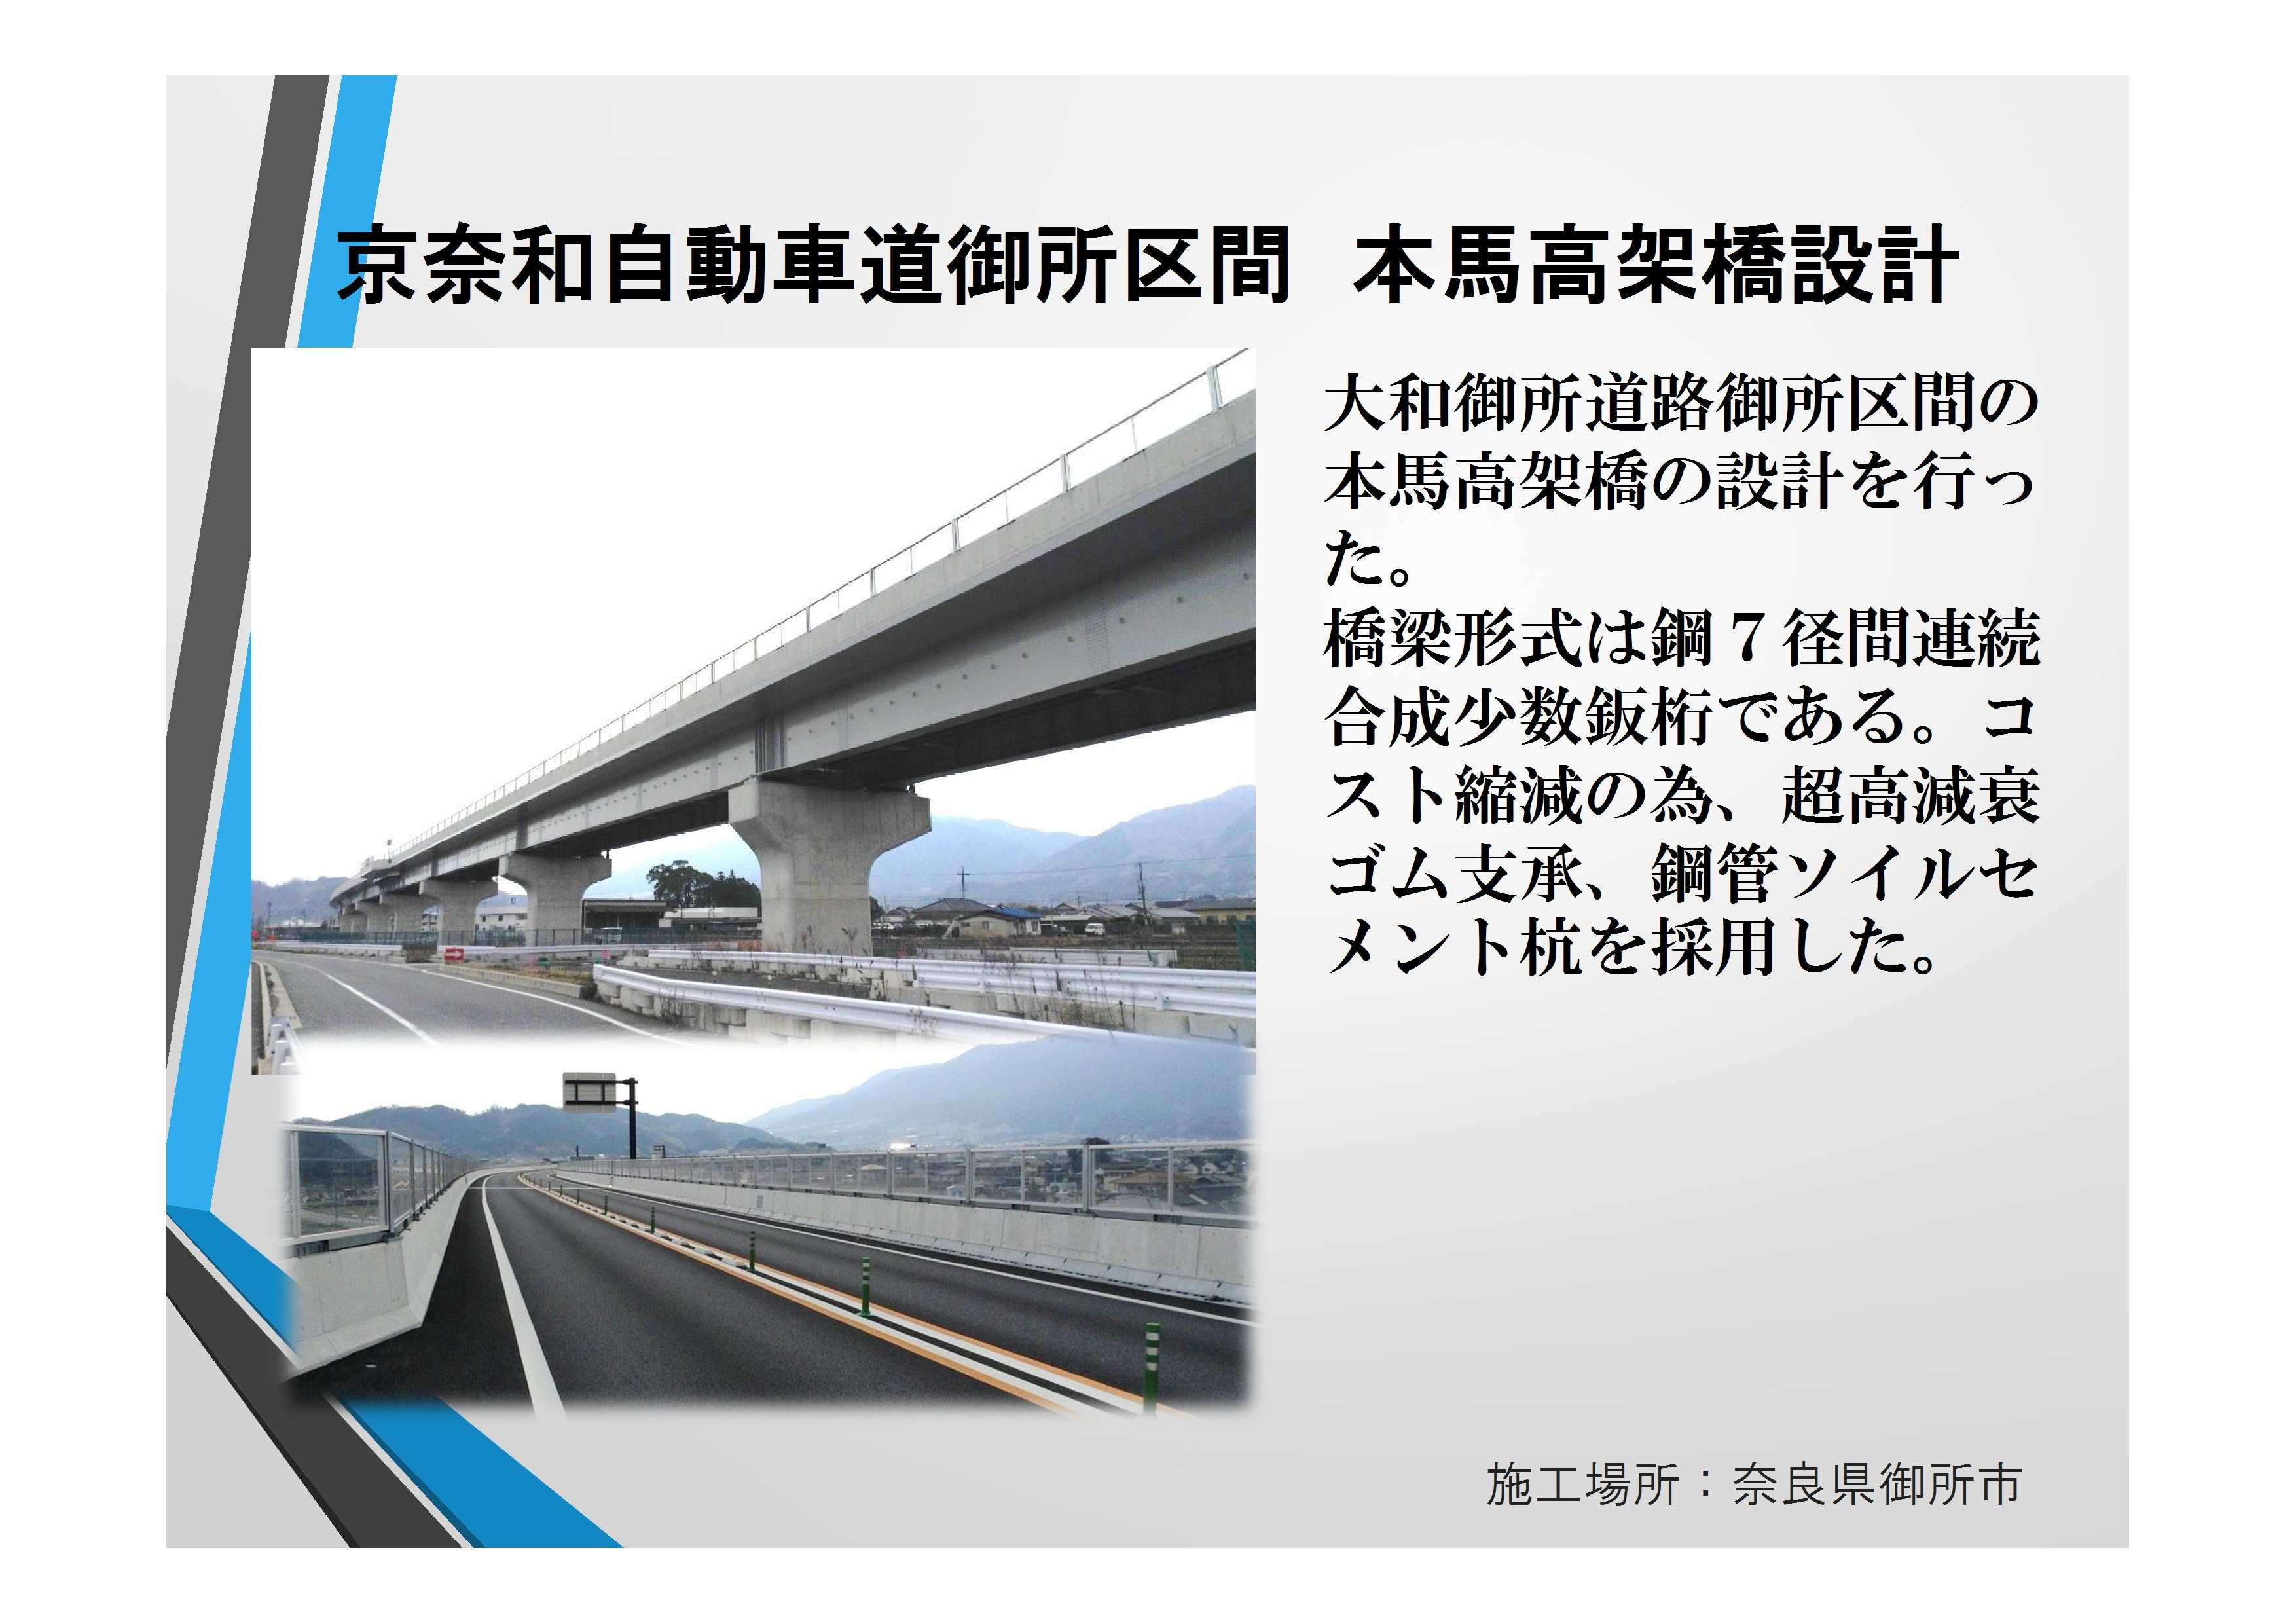 近20087 京奈和 本馬高架橋【確認済】田代部長